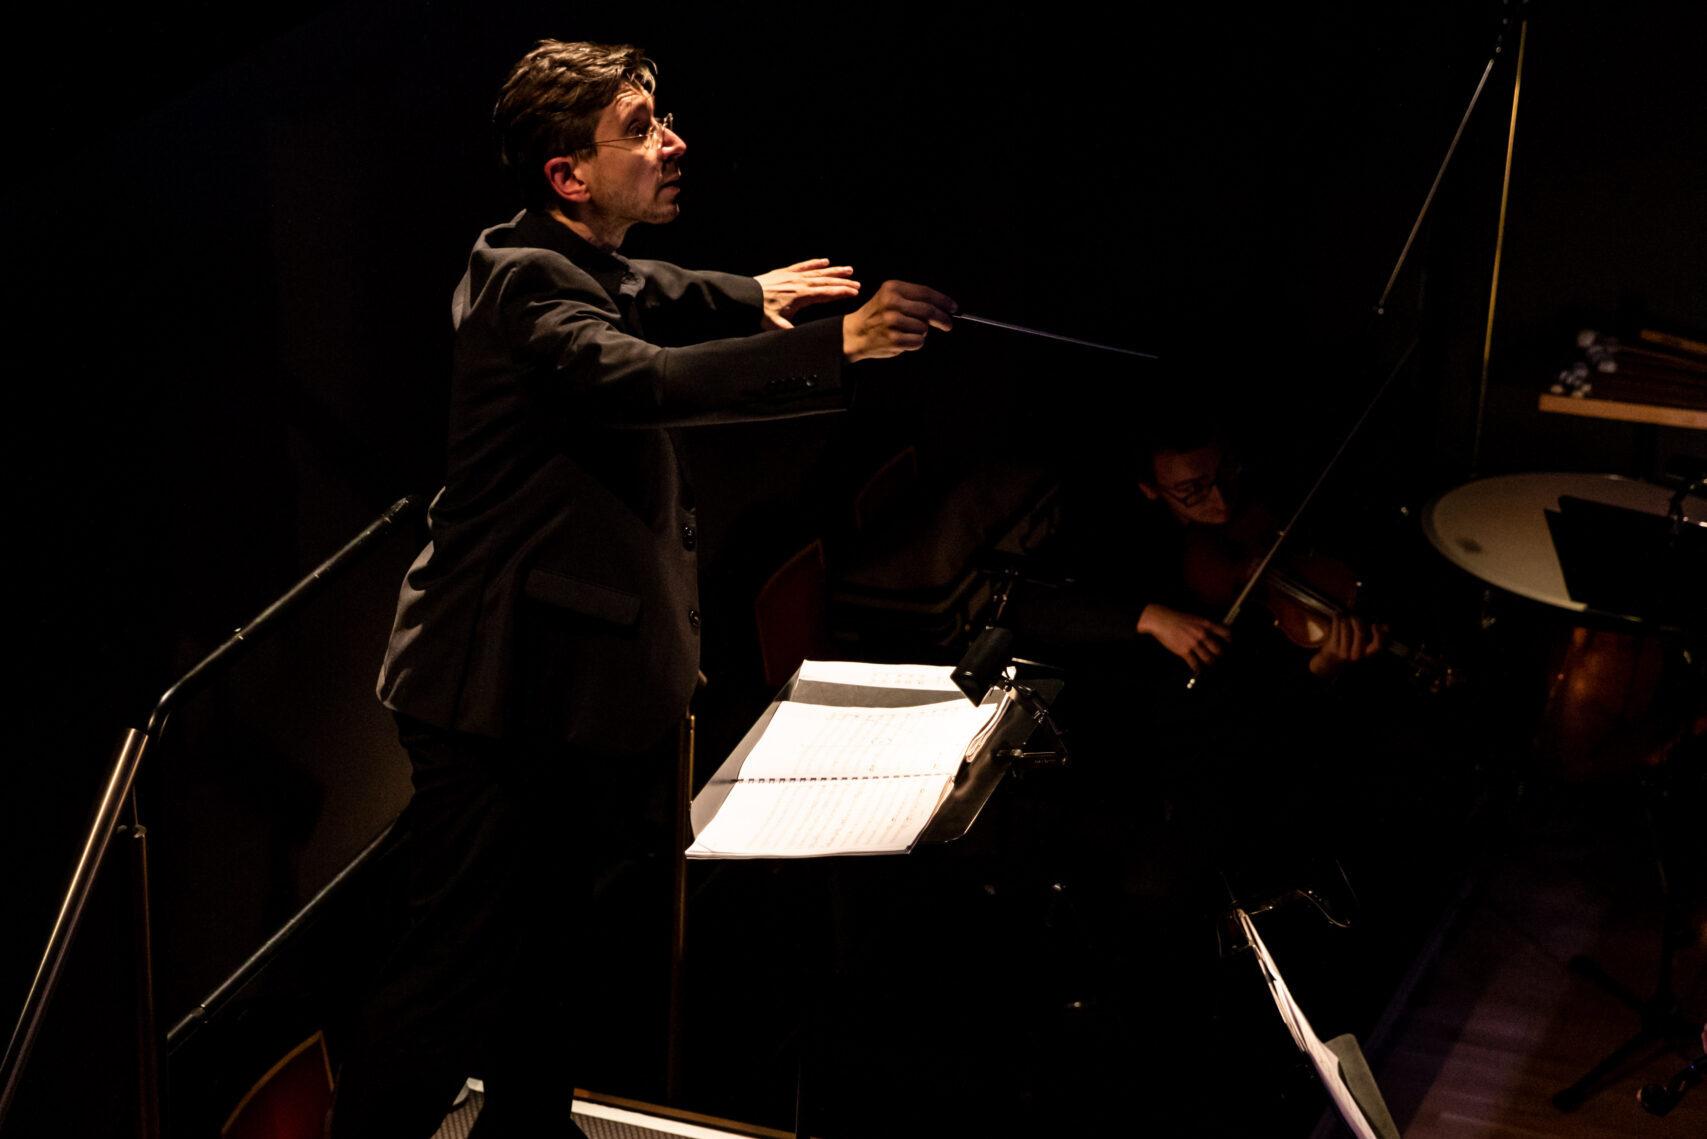 Opernfestival_Oberpfalz_Freischütz_Dirigent_und_künstlerischer_Leiter_Michael_Konstantin Foto: Christina Iberl